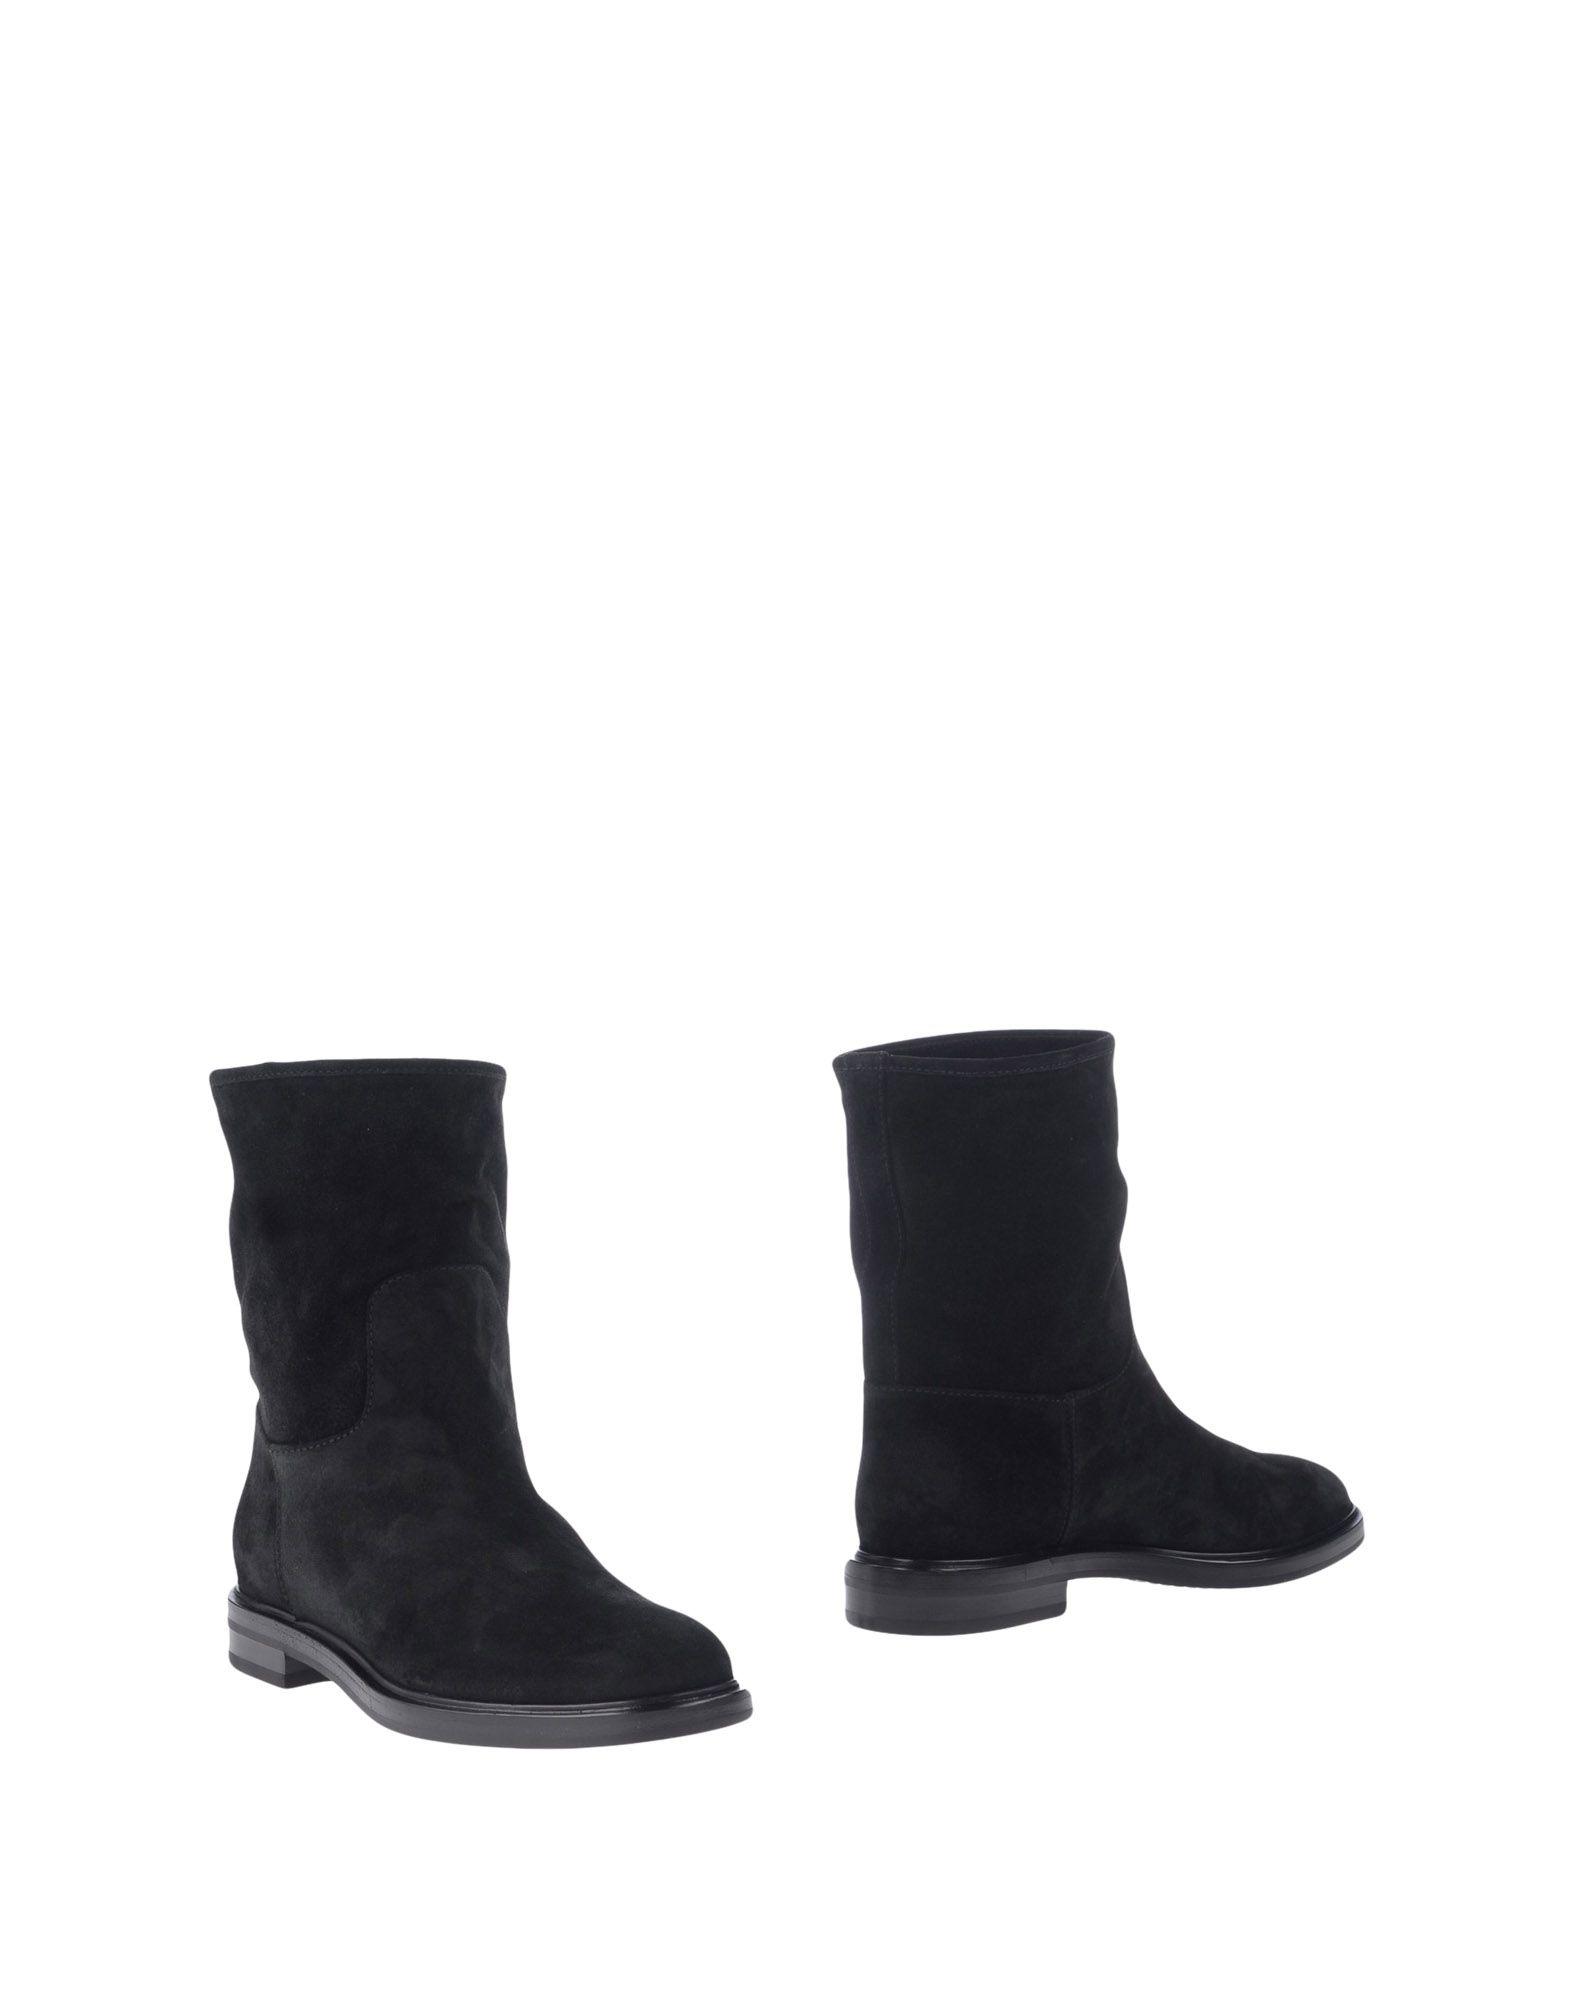 Casadei Stiefelette Damen  11308931FQGünstige gut aussehende Schuhe